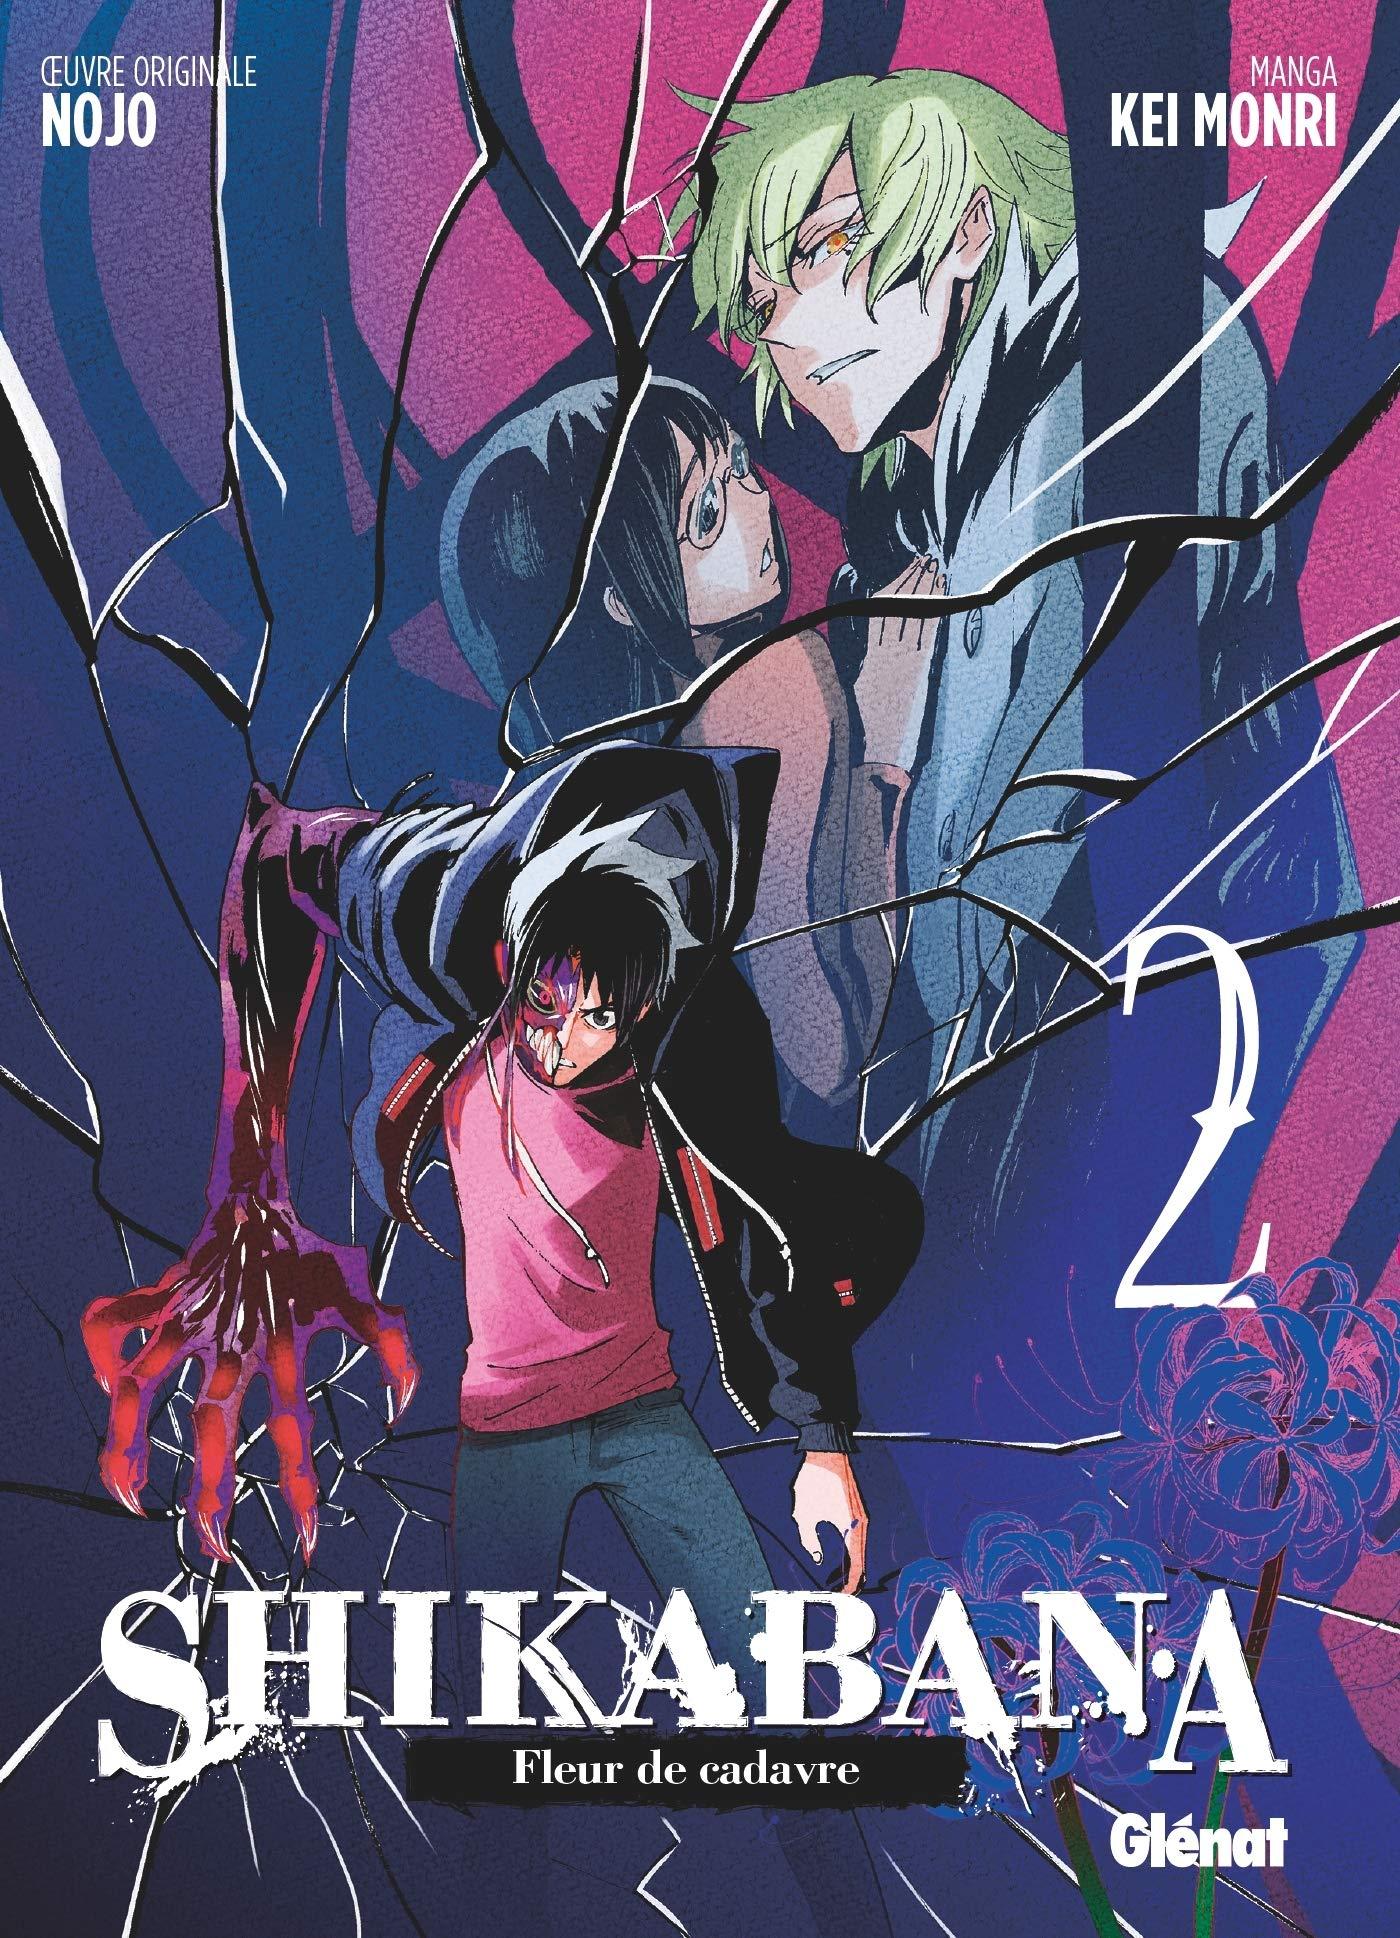 Shikabana - Fleur de cadavre 2